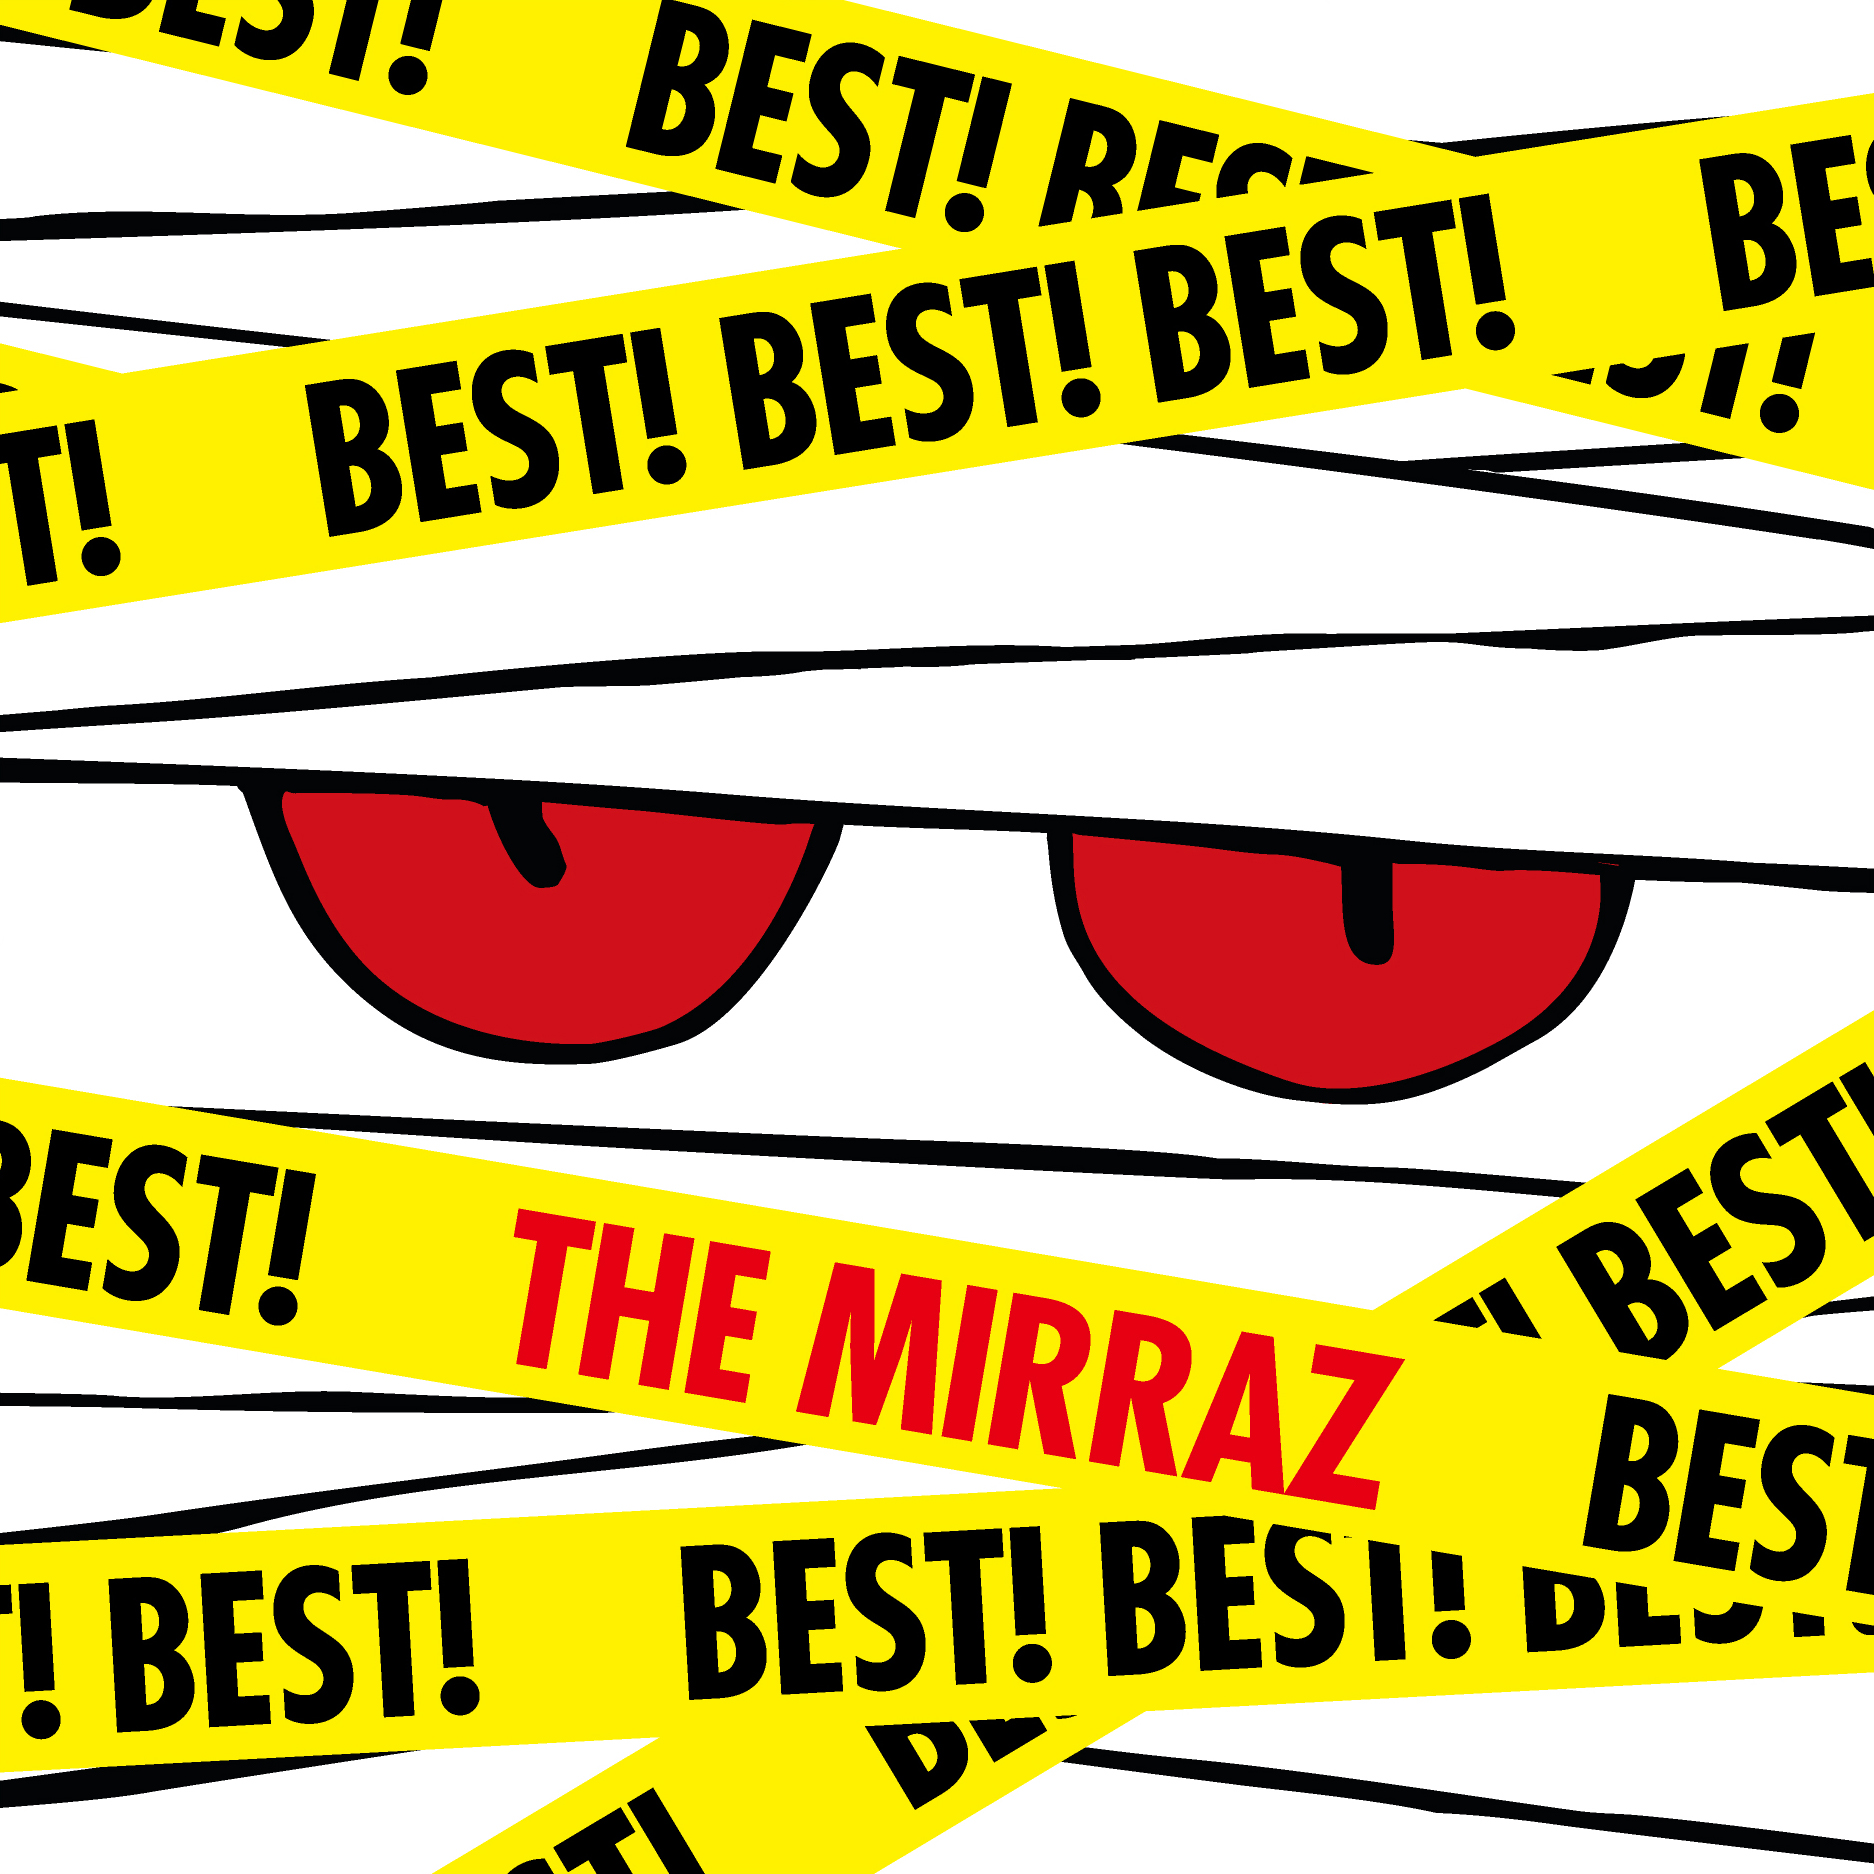 アルバム『BEST! BEST! BEST!』